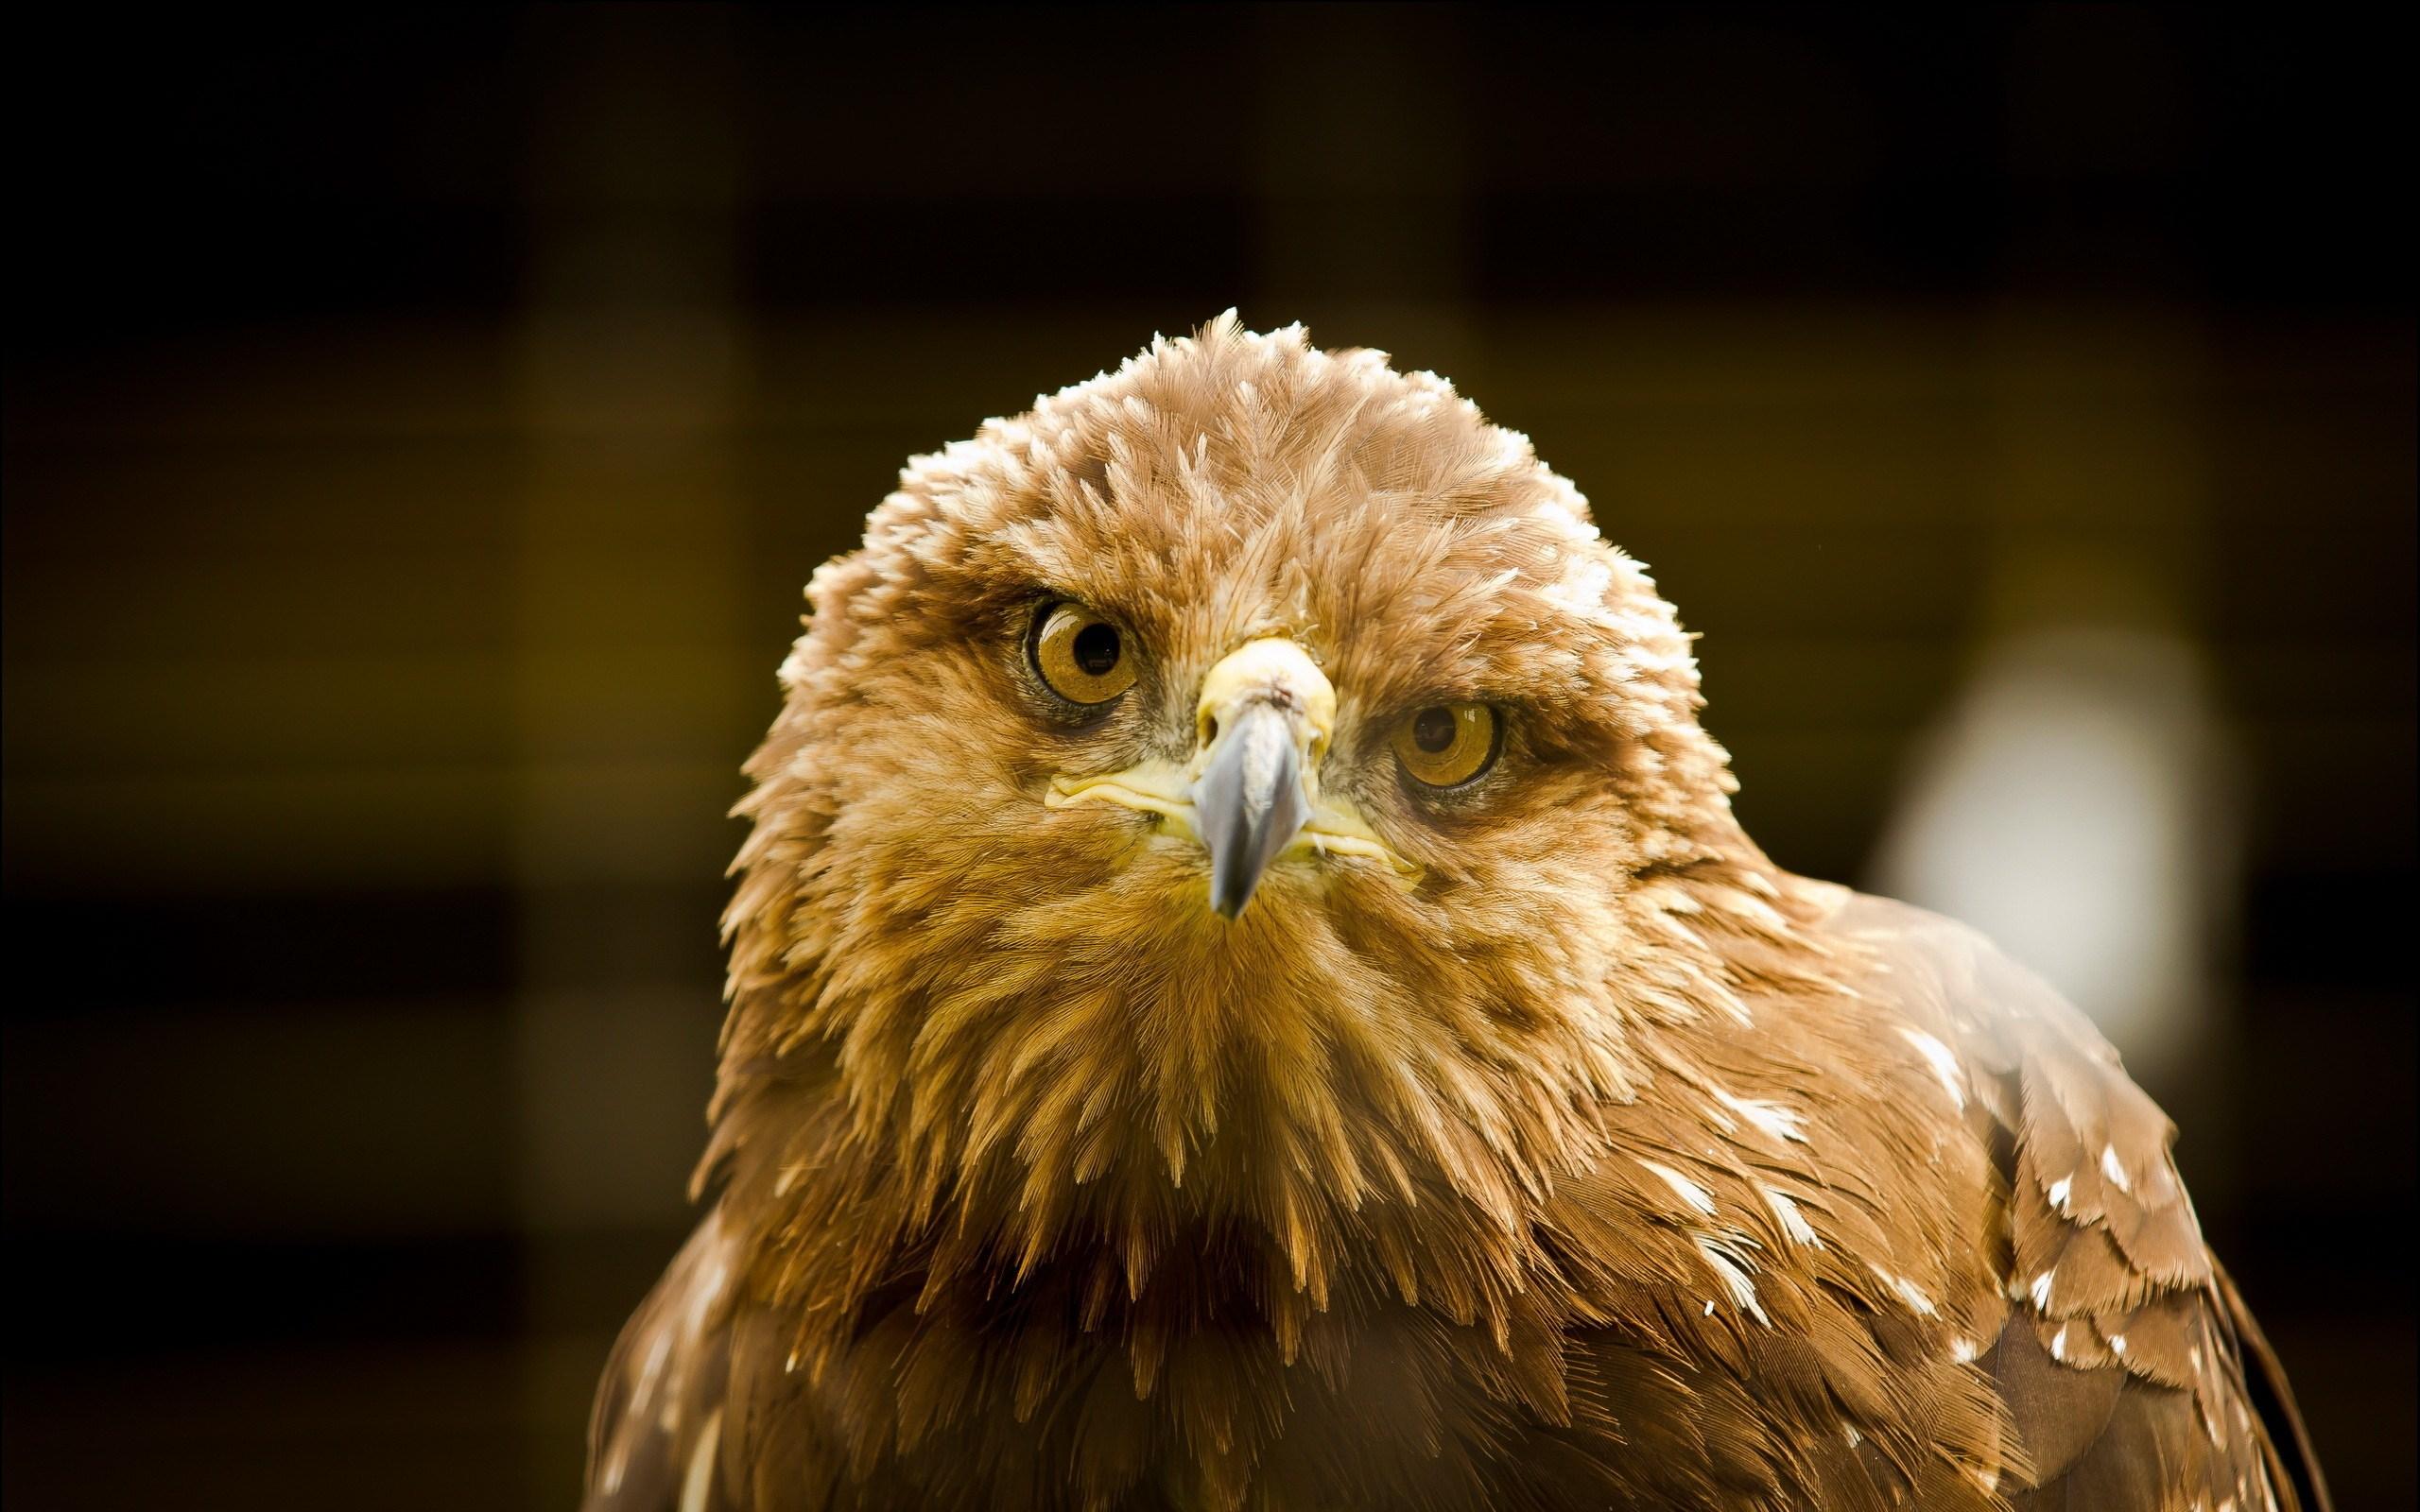 Eagle Bird Look